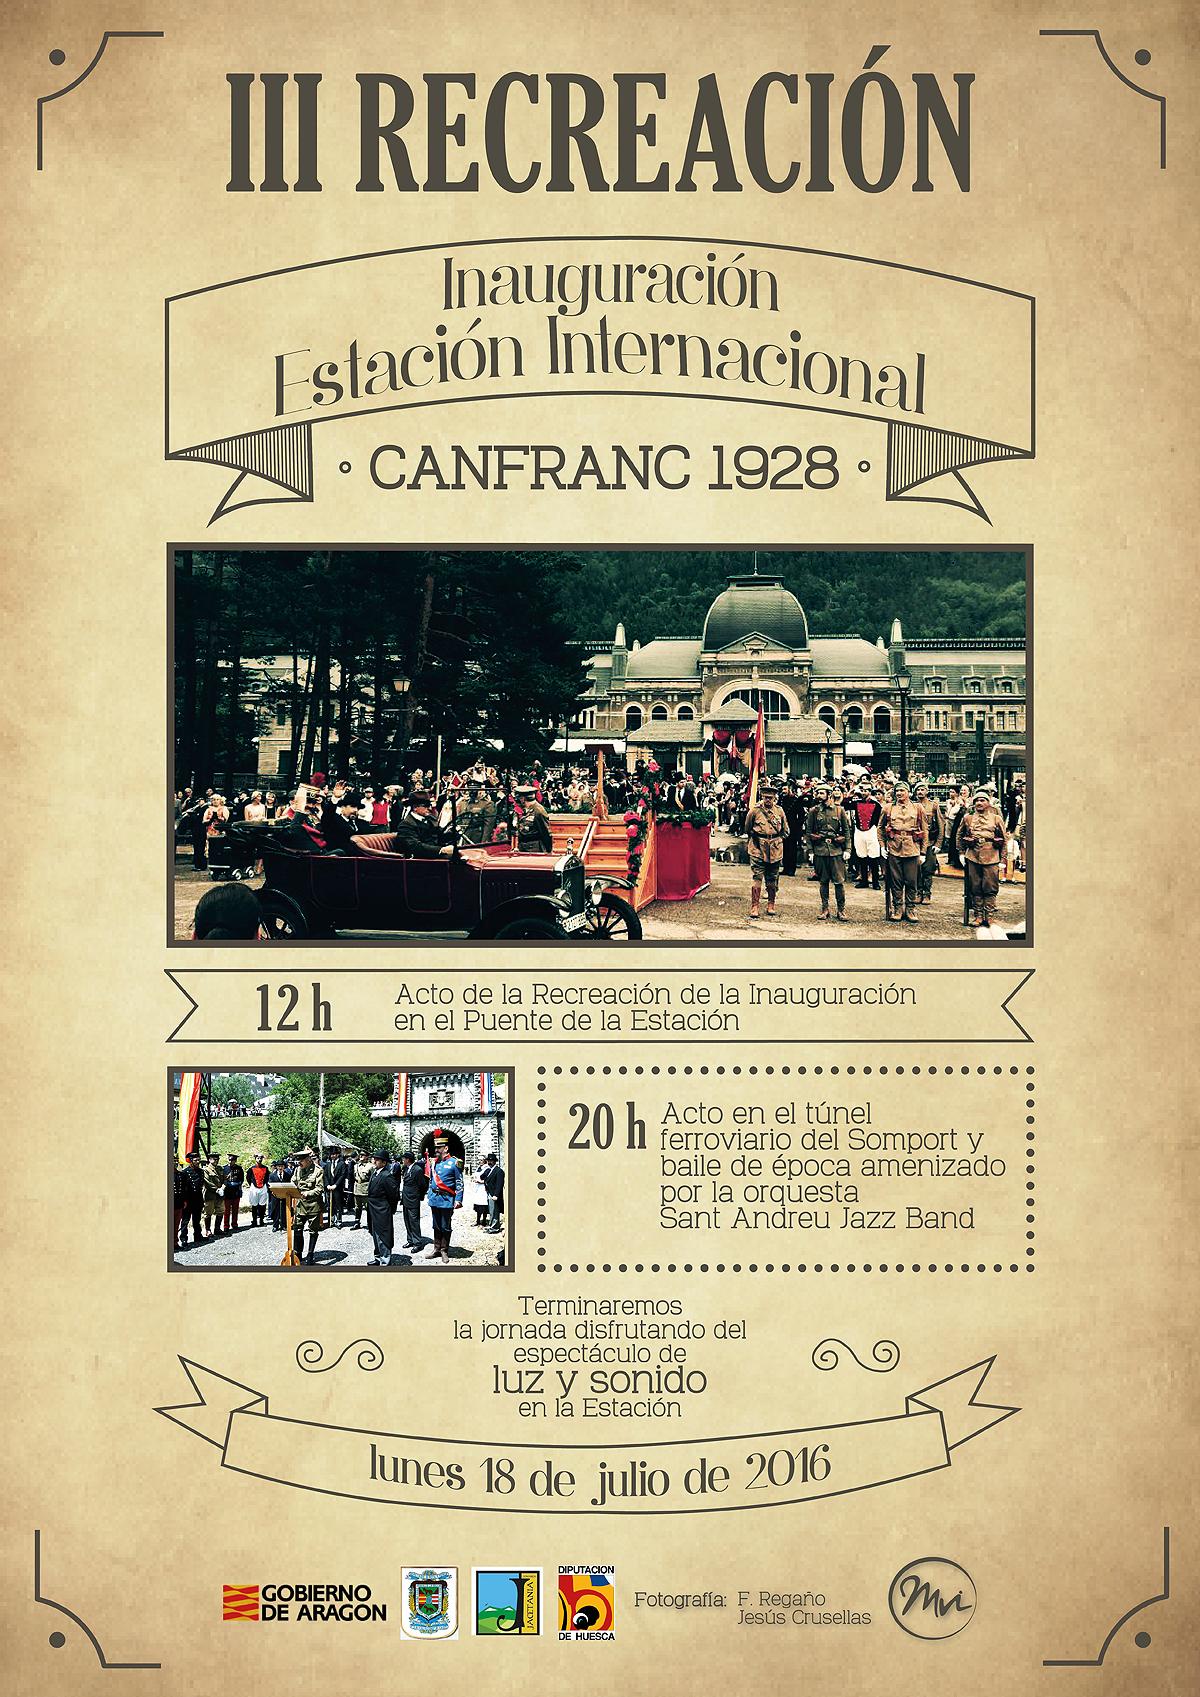 Cartel de la Recreación de la inauguración de la Estación internacional de Canfranc